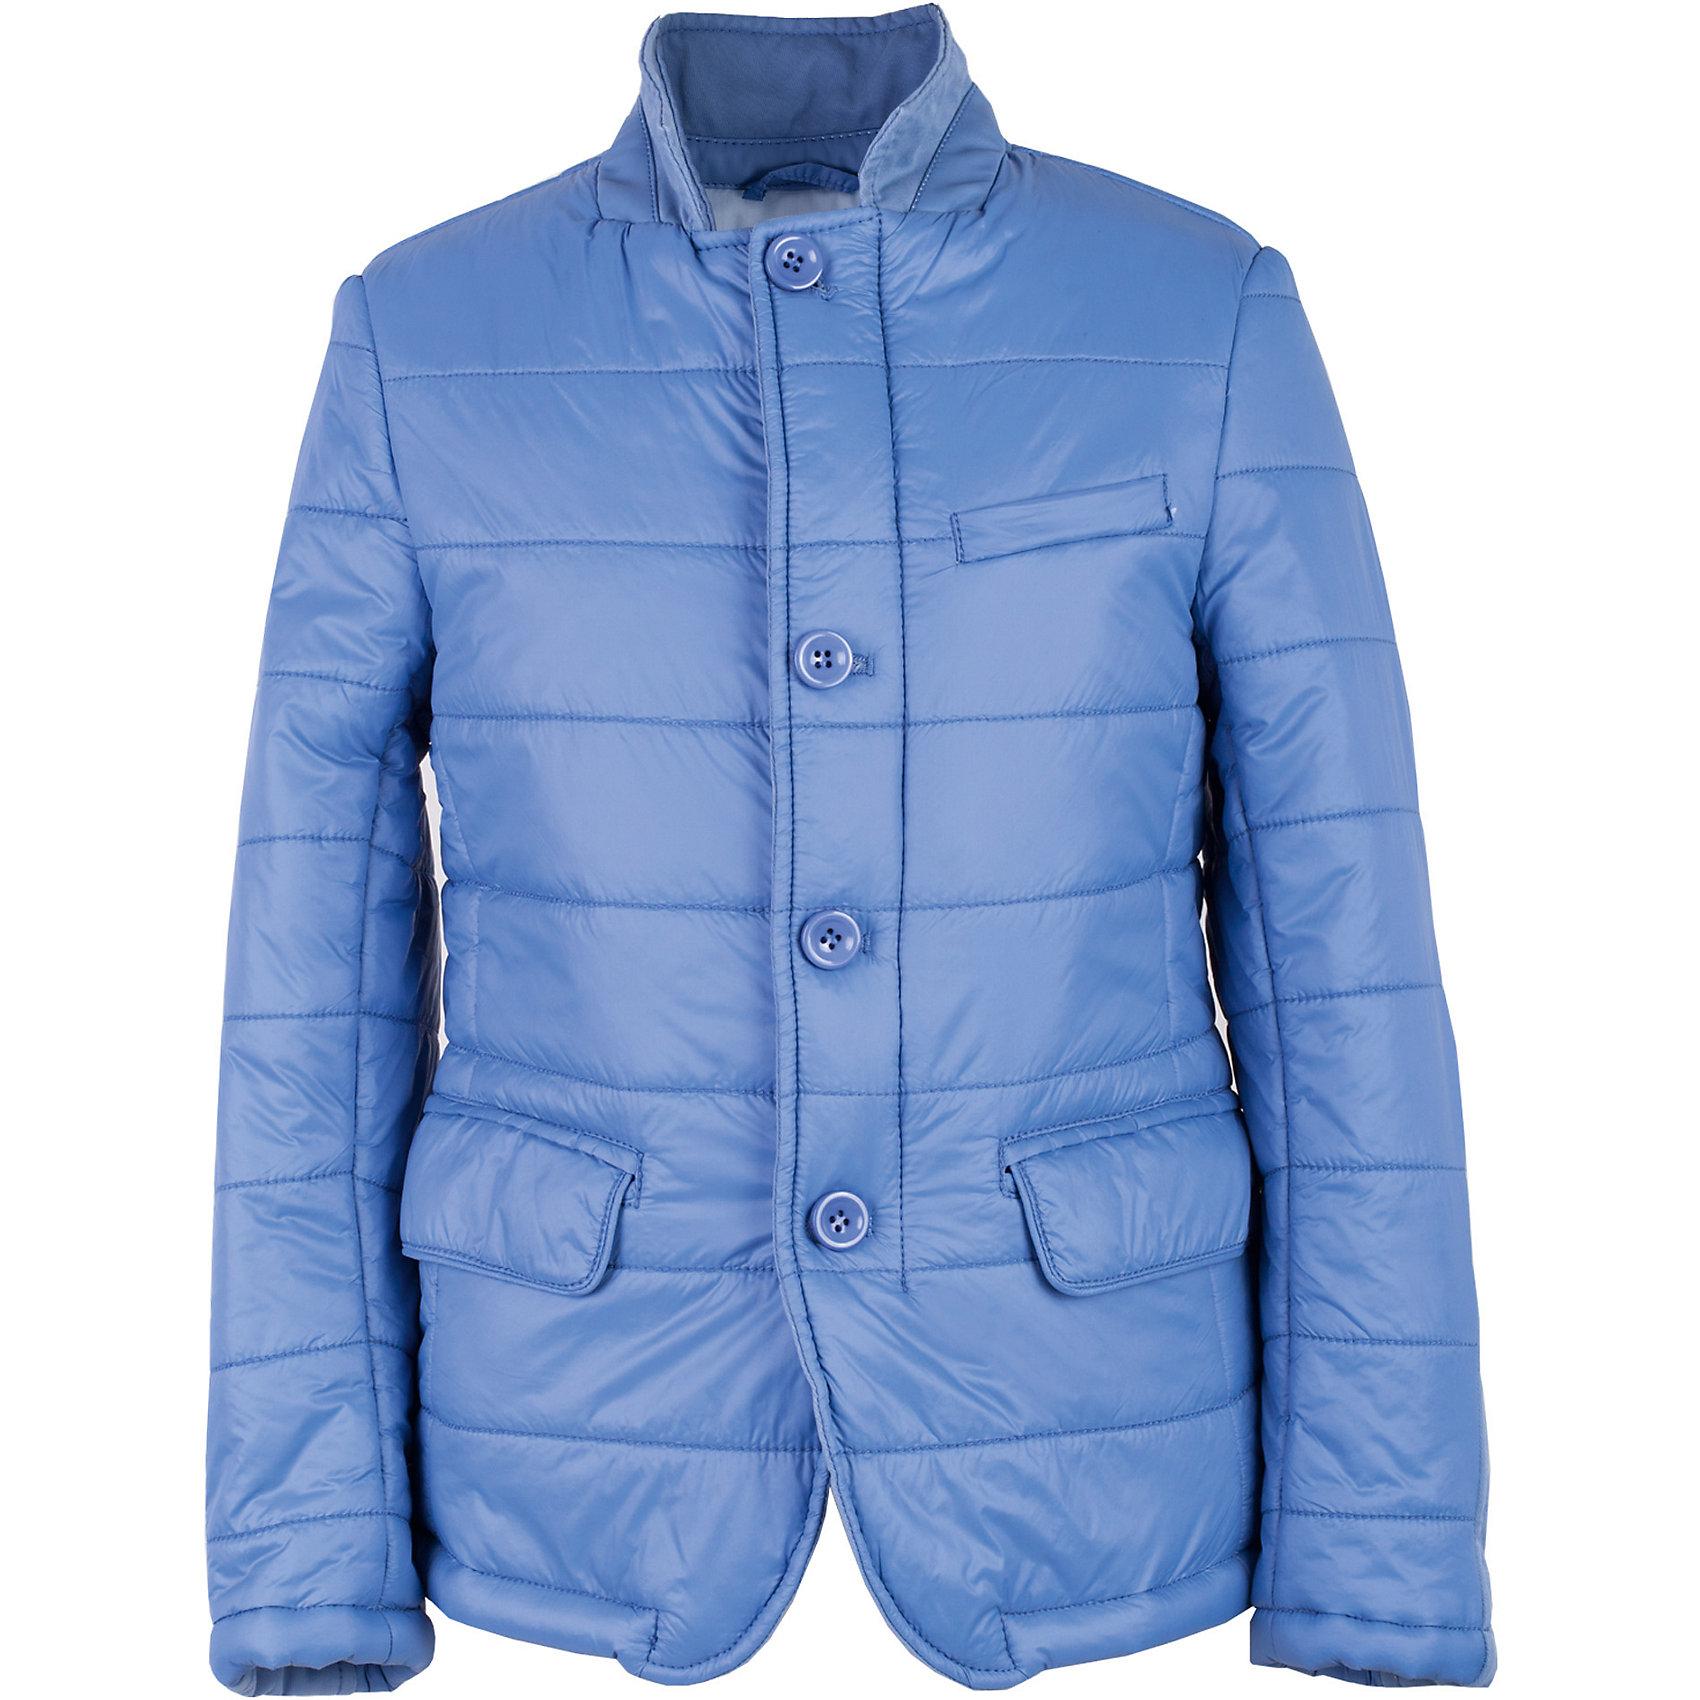 Куртка для мальчика GulliverКупить куртку - такую задачу ставят перед собой мамы мальчиков, отправляясь на весенний шопинг. Хорошая утепленная куртка для мальчика - вещь совершенно необходимая! Неустойчивая мартовская погода требует одеться не менее основательно, чем зимой, но весеннее настроение требует быть обновленным, стильным, современным! Модная стеганая куртка - именно то, что вам нужно! Она выглядит интересно, солидно, достойно, придавая весеннему образу ребенка особую элегантность. При этом, куртка удобна, не стесняет движений и позволяет мальчику быть самим собой, т.к. очень практична и комфортна. Изюминка модели в текстильной отделке, создающей игру фактур.<br>Состав:<br>верх:    100% нейлон; подкладка:  50% хлопок  50% полиэстер; утеплитель: 100% полиэстер<br><br>Ширина мм: 356<br>Глубина мм: 10<br>Высота мм: 245<br>Вес г: 519<br>Цвет: голубой<br>Возраст от месяцев: 108<br>Возраст до месяцев: 120<br>Пол: Мужской<br>Возраст: Детский<br>Размер: 140,122,128,134<br>SKU: 5482952